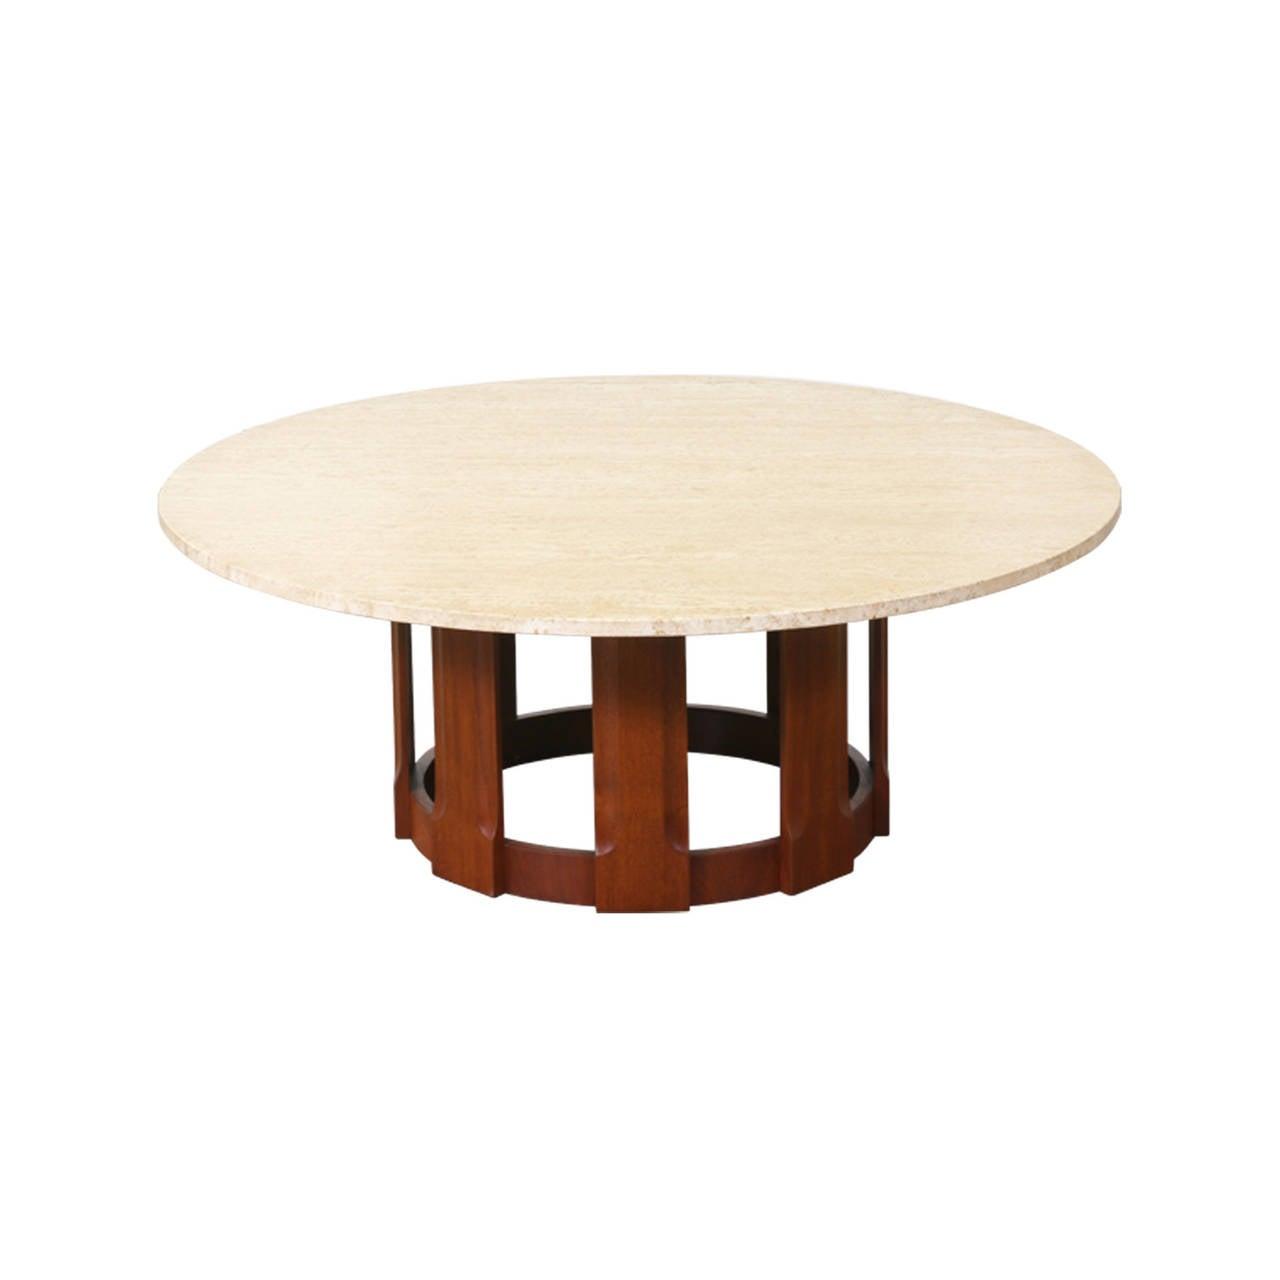 Brown Saltman Walnut Coffee Table W Travertine Top At 1stdibs